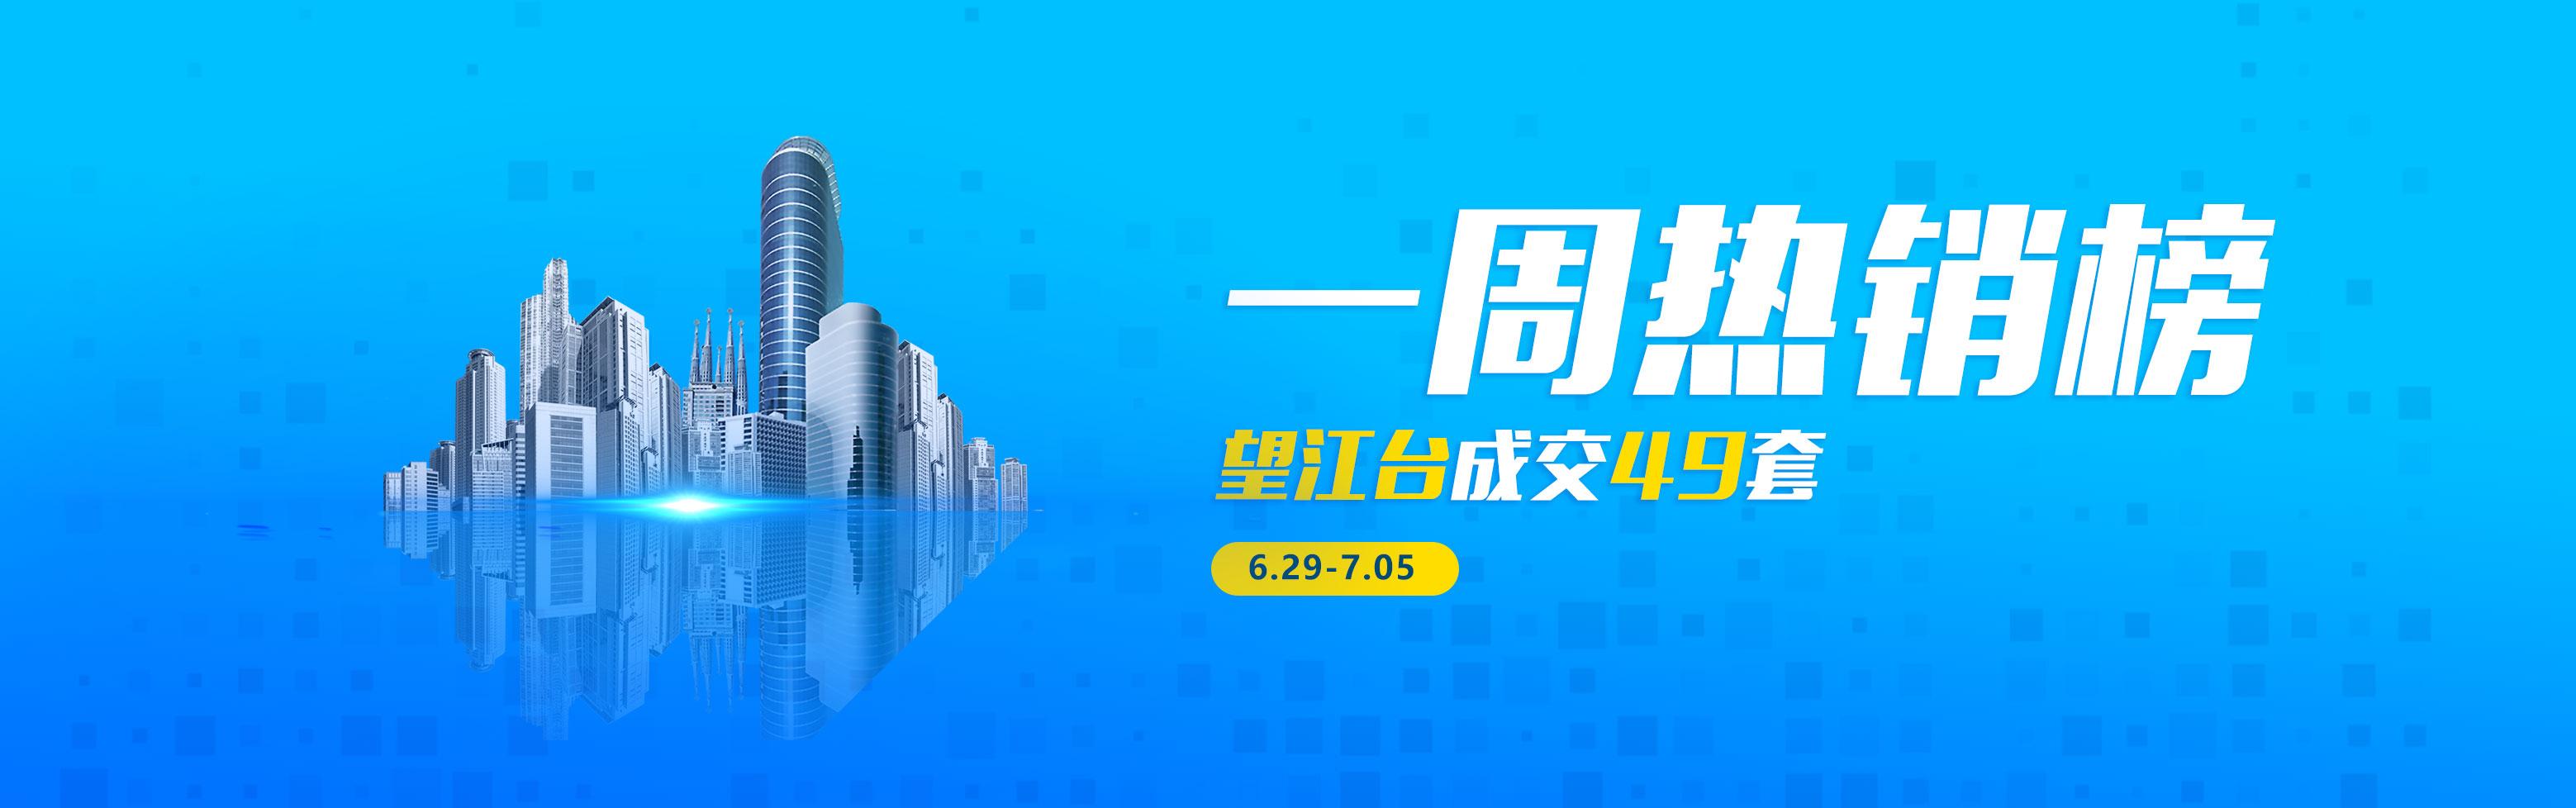 一周热销榜(6.29-7.05)